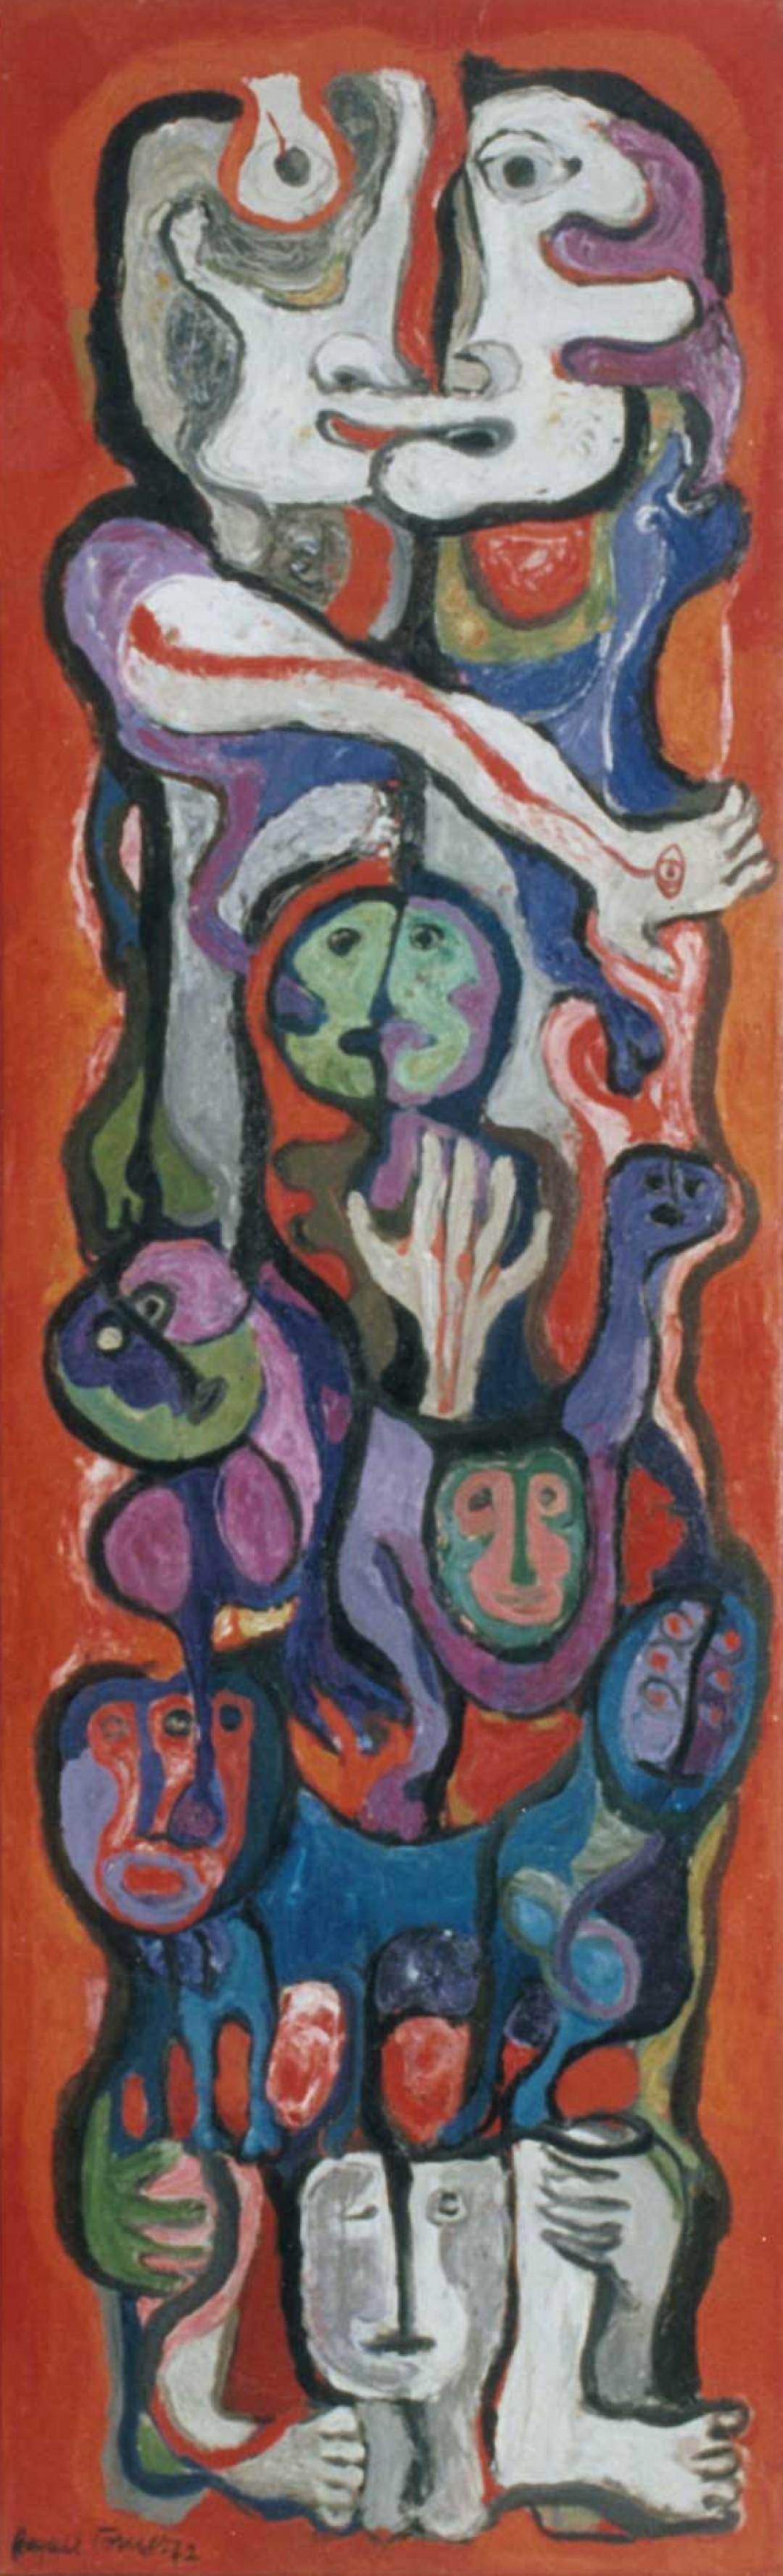 Totem astral I